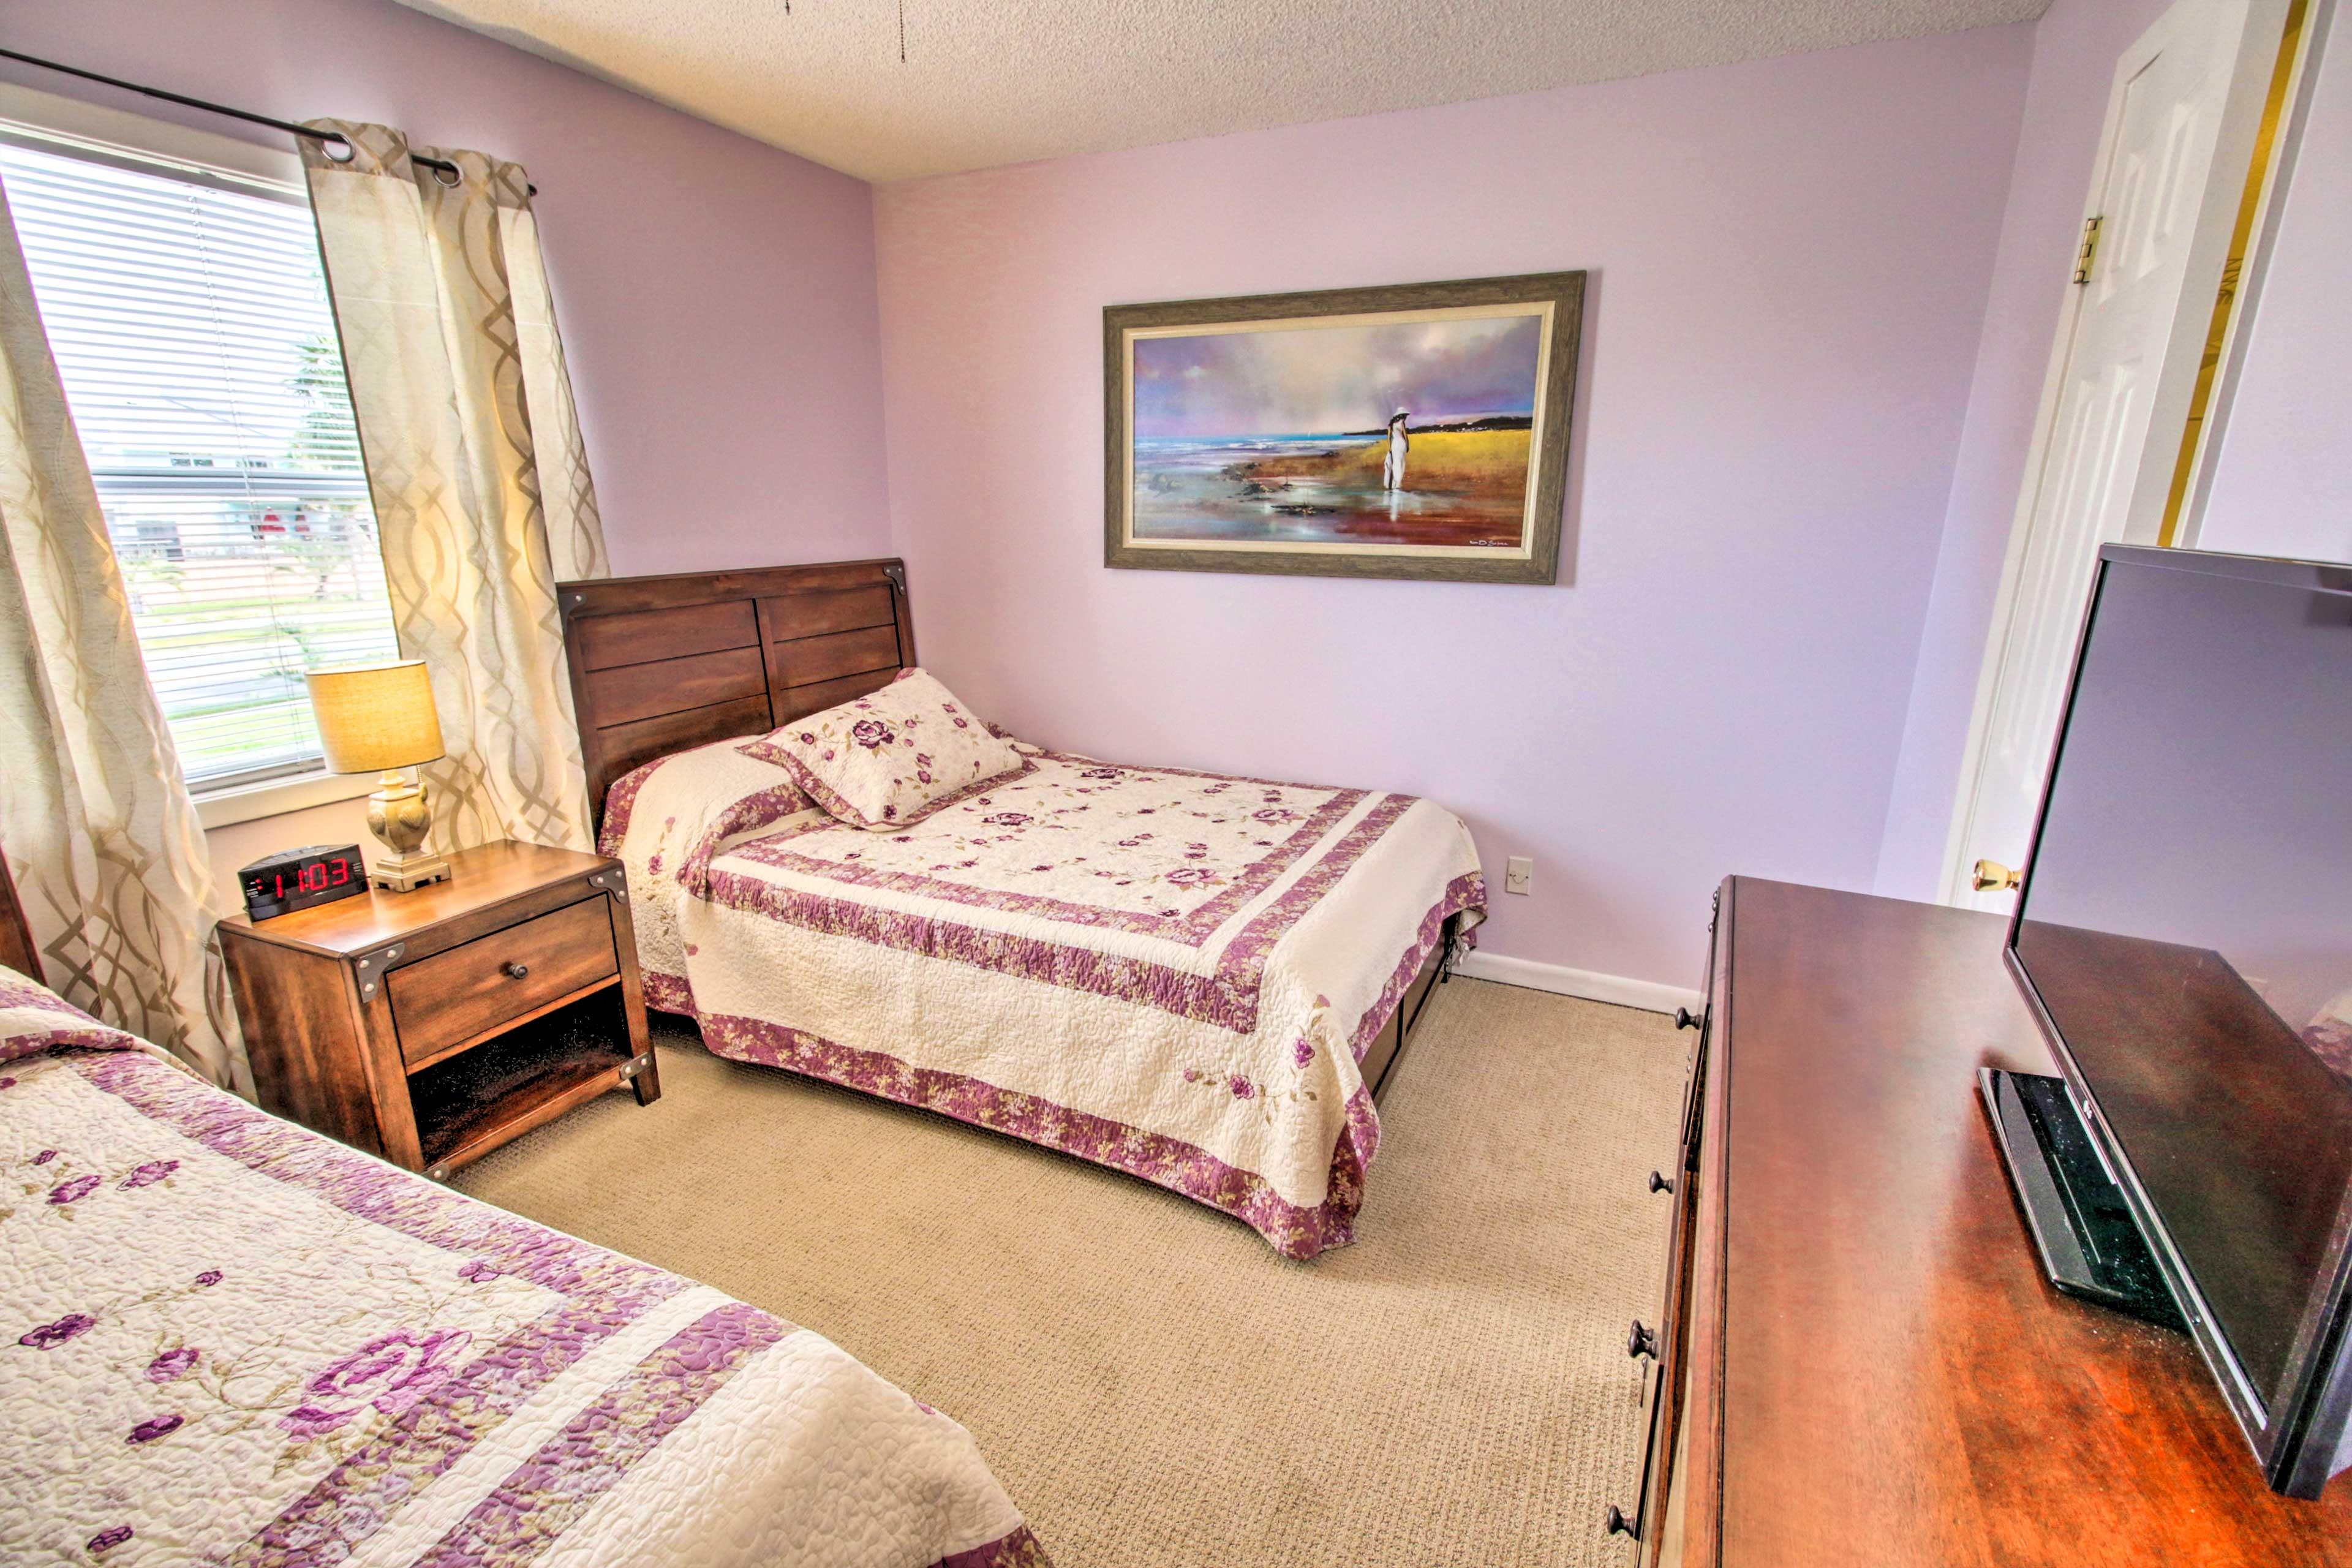 Bedroom 2 | Flat-Screen TV